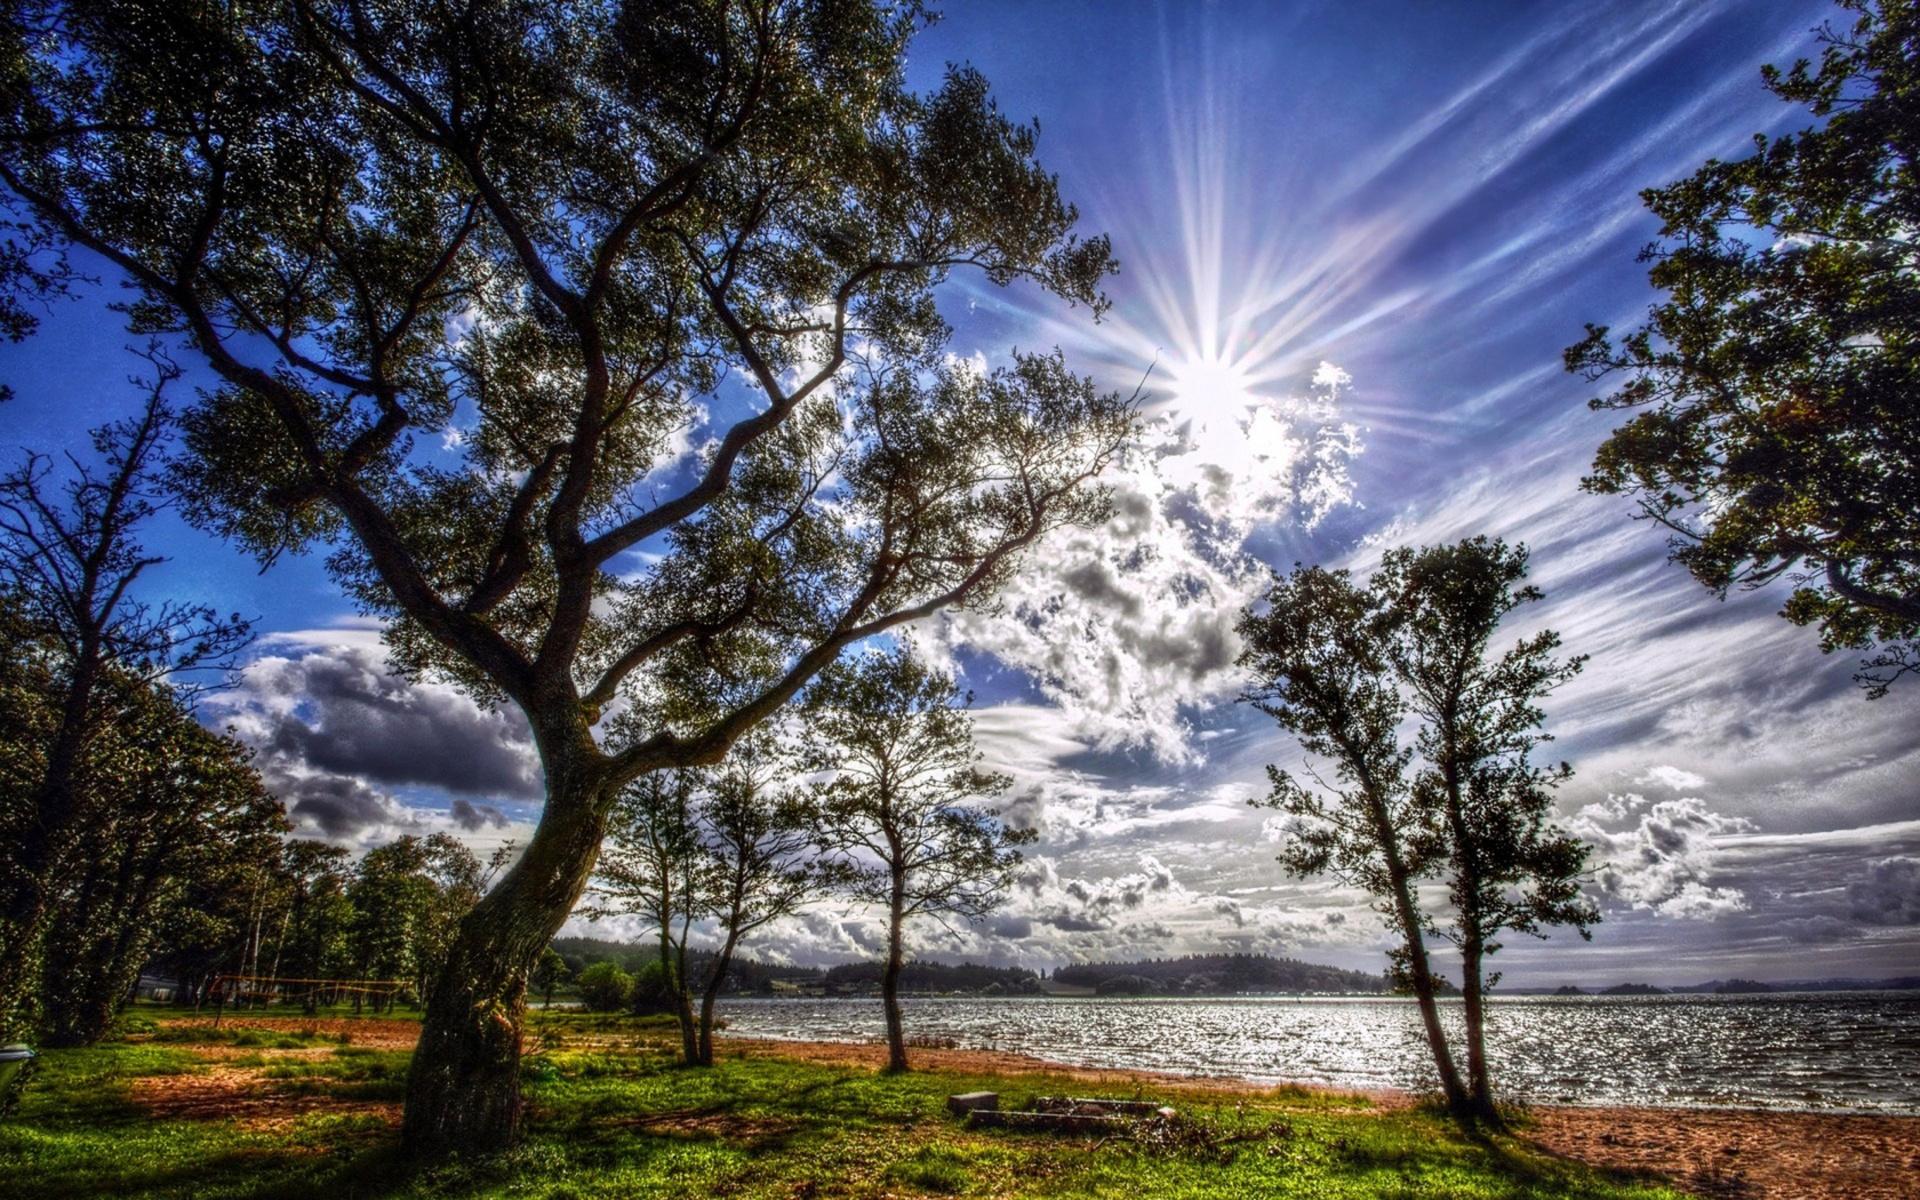 деревья природа цветы река бесплатно